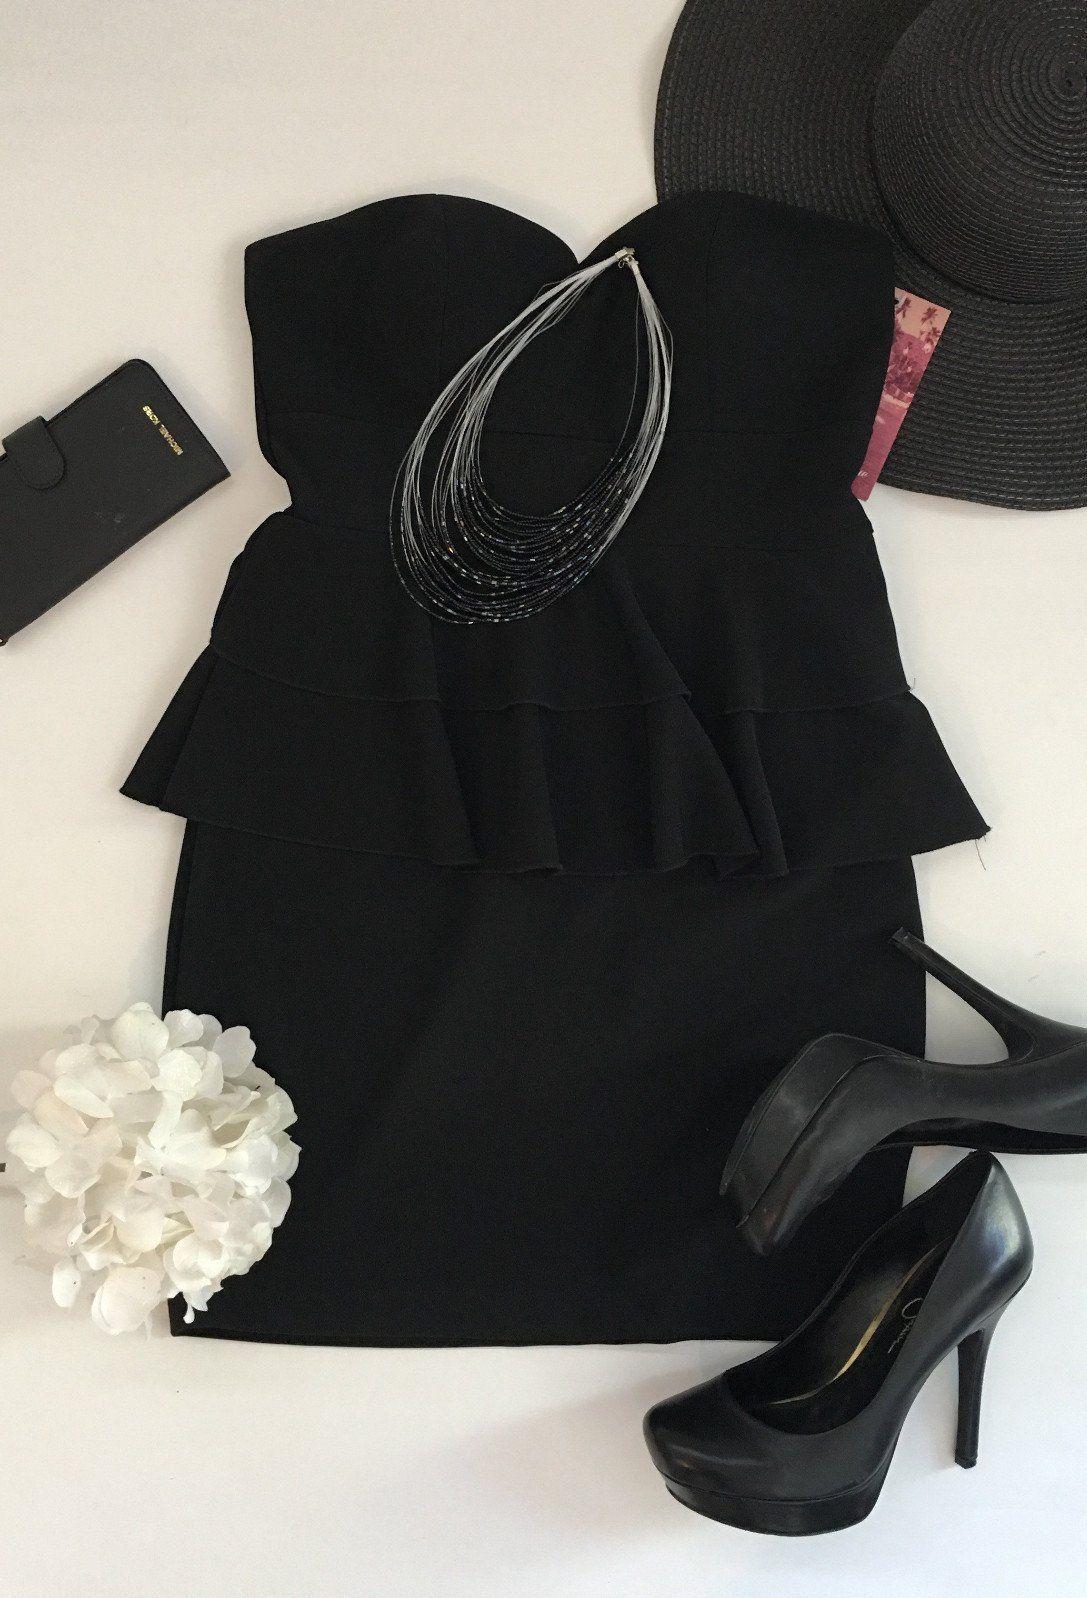 New emerald sundae black strapless dress l black strapless dress